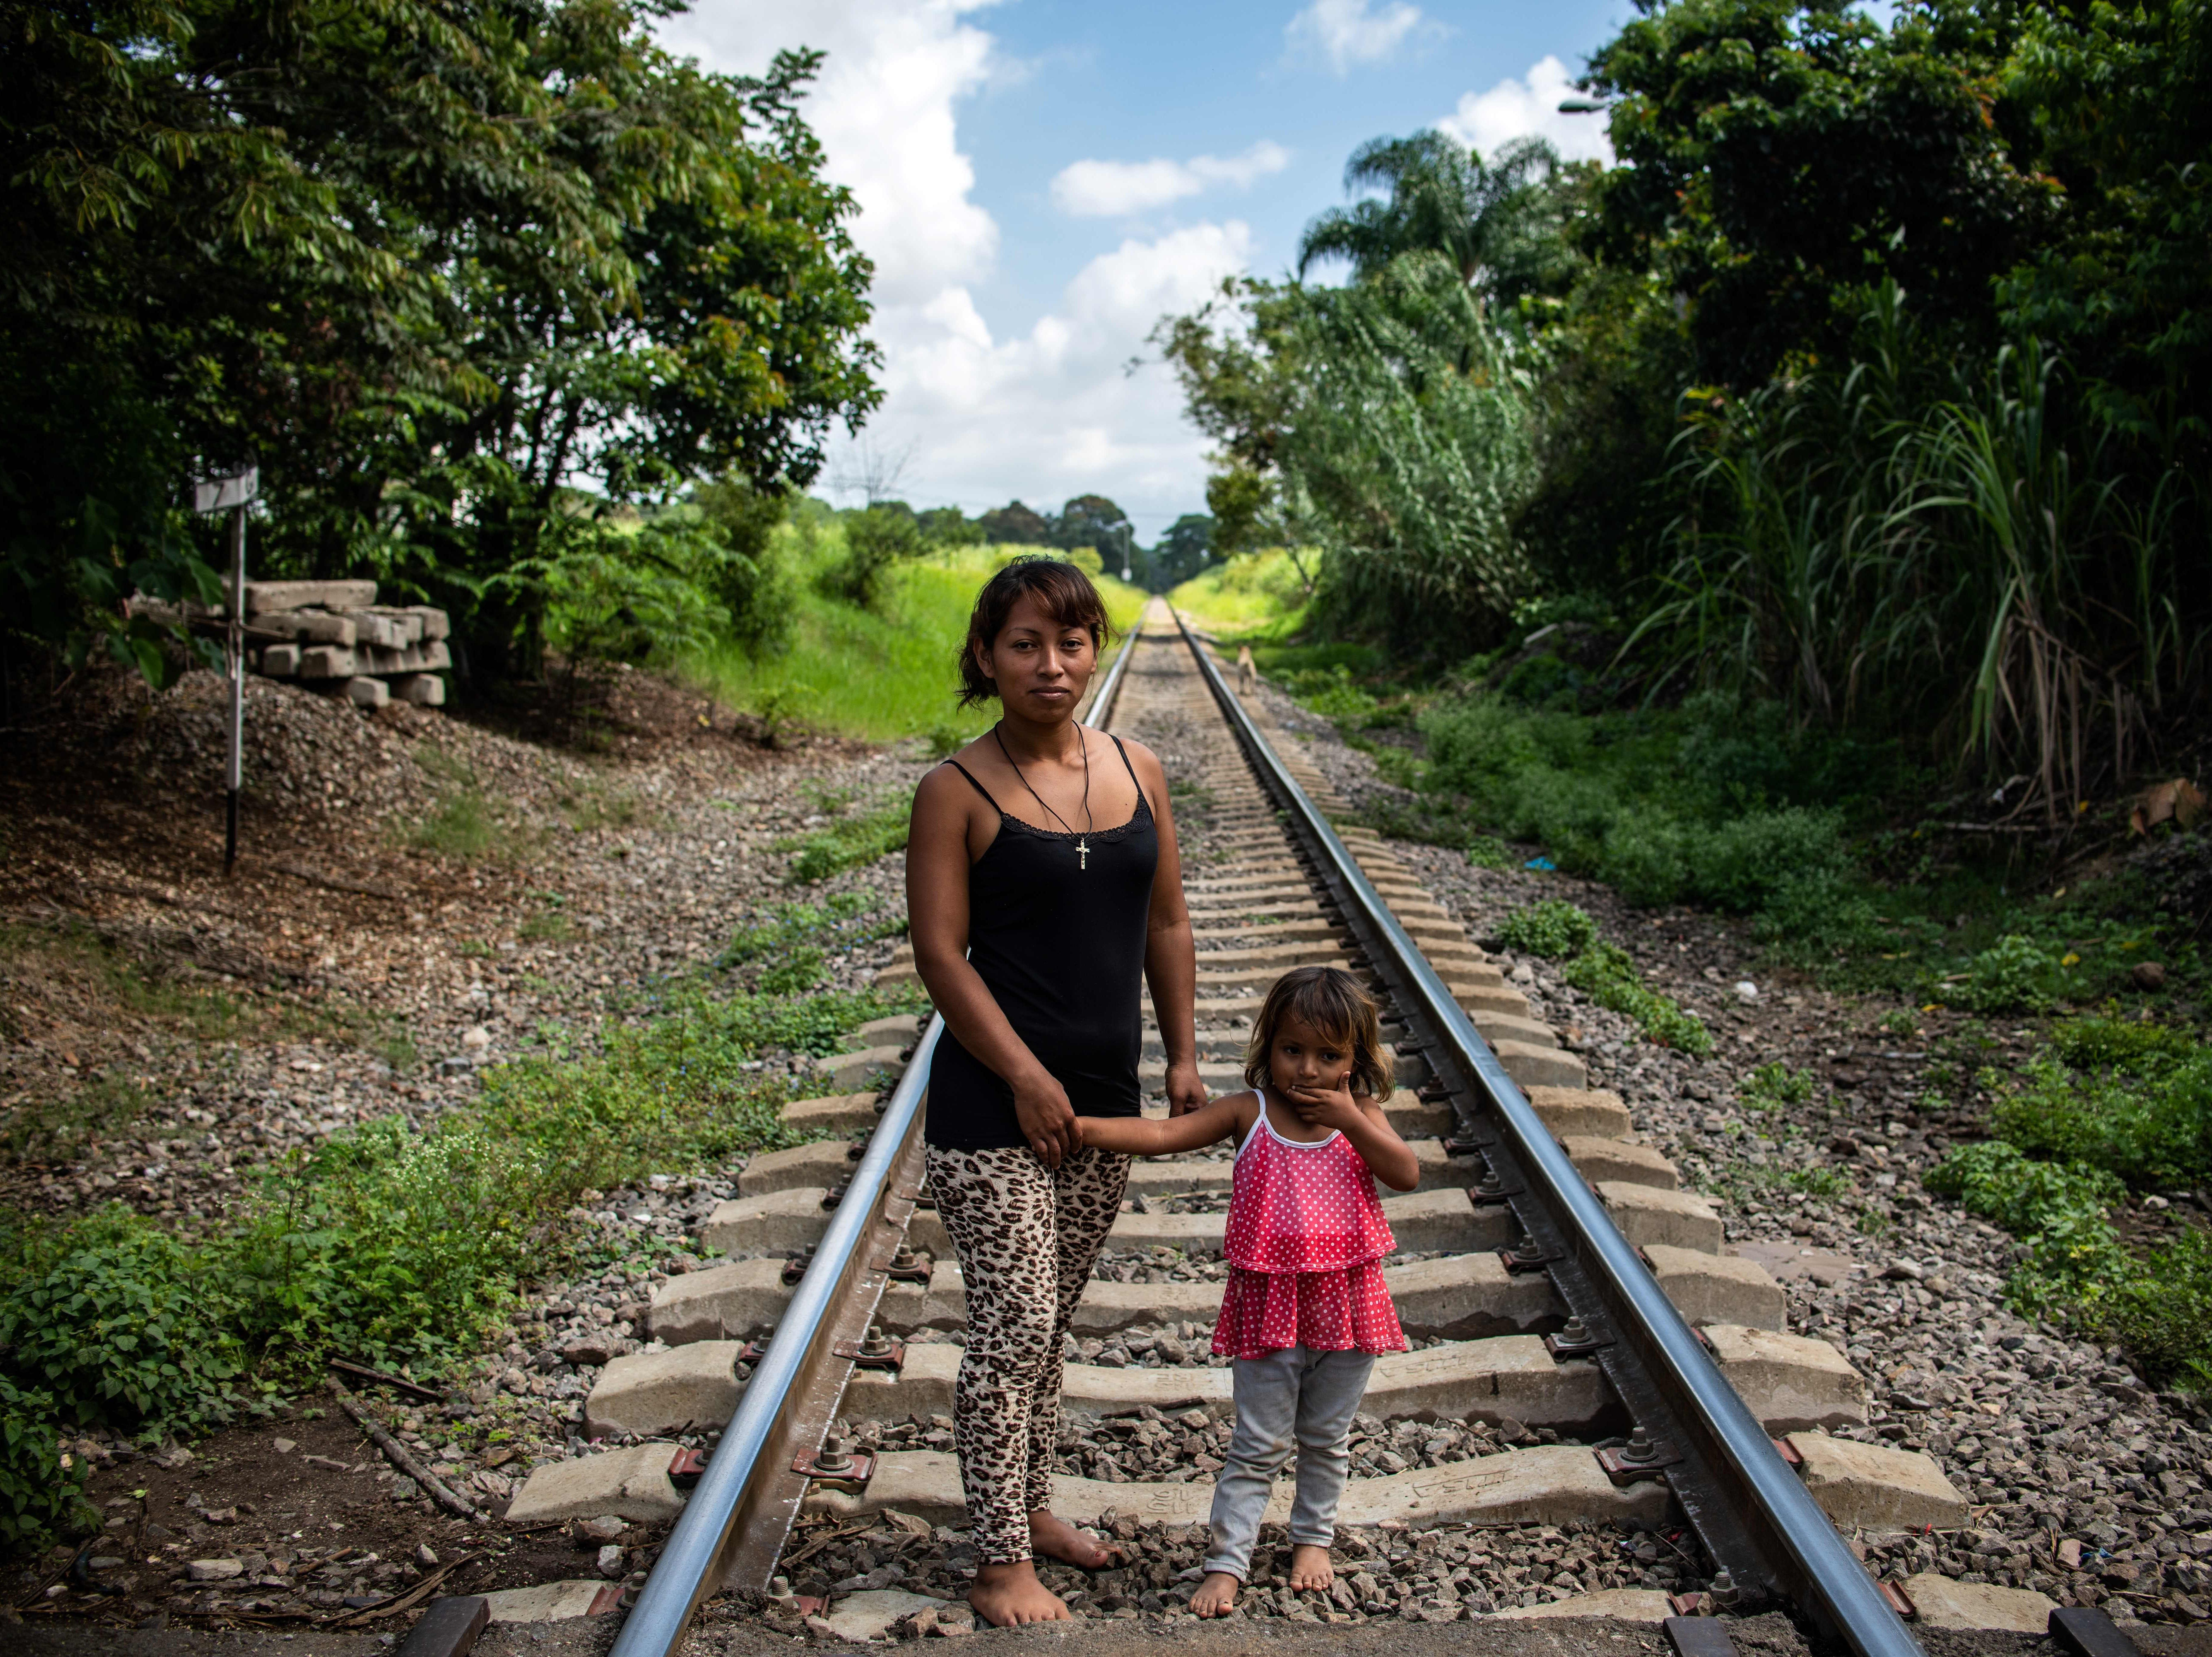 Sandra y su pequeña hija recorren la caravana, guiadas por los rieles del ferrocarril. Estos son los rostros de los migrantes centroamericanos que huyen de la pobreza y violencia que se vive en sus países; y que por medio de una caravana caminan cientos de kilómetros cruzando ciudades, ríos, carreteras, bosques y fronteras, con el firme propósito de hacer realidad su sueño de llegar a los Estados Unidos.